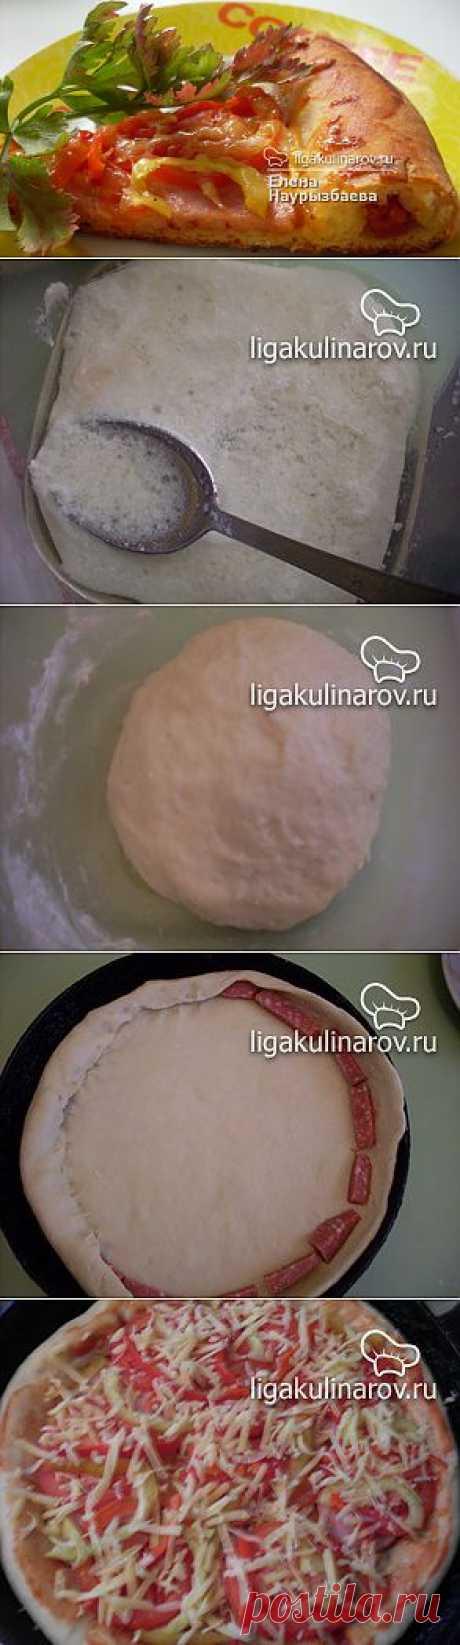 Пицца на кефире рецепт пошаговый от Лиги Кулинаров. Рецепт пиццы на кефире, рецепты Лиги Кулинаров.